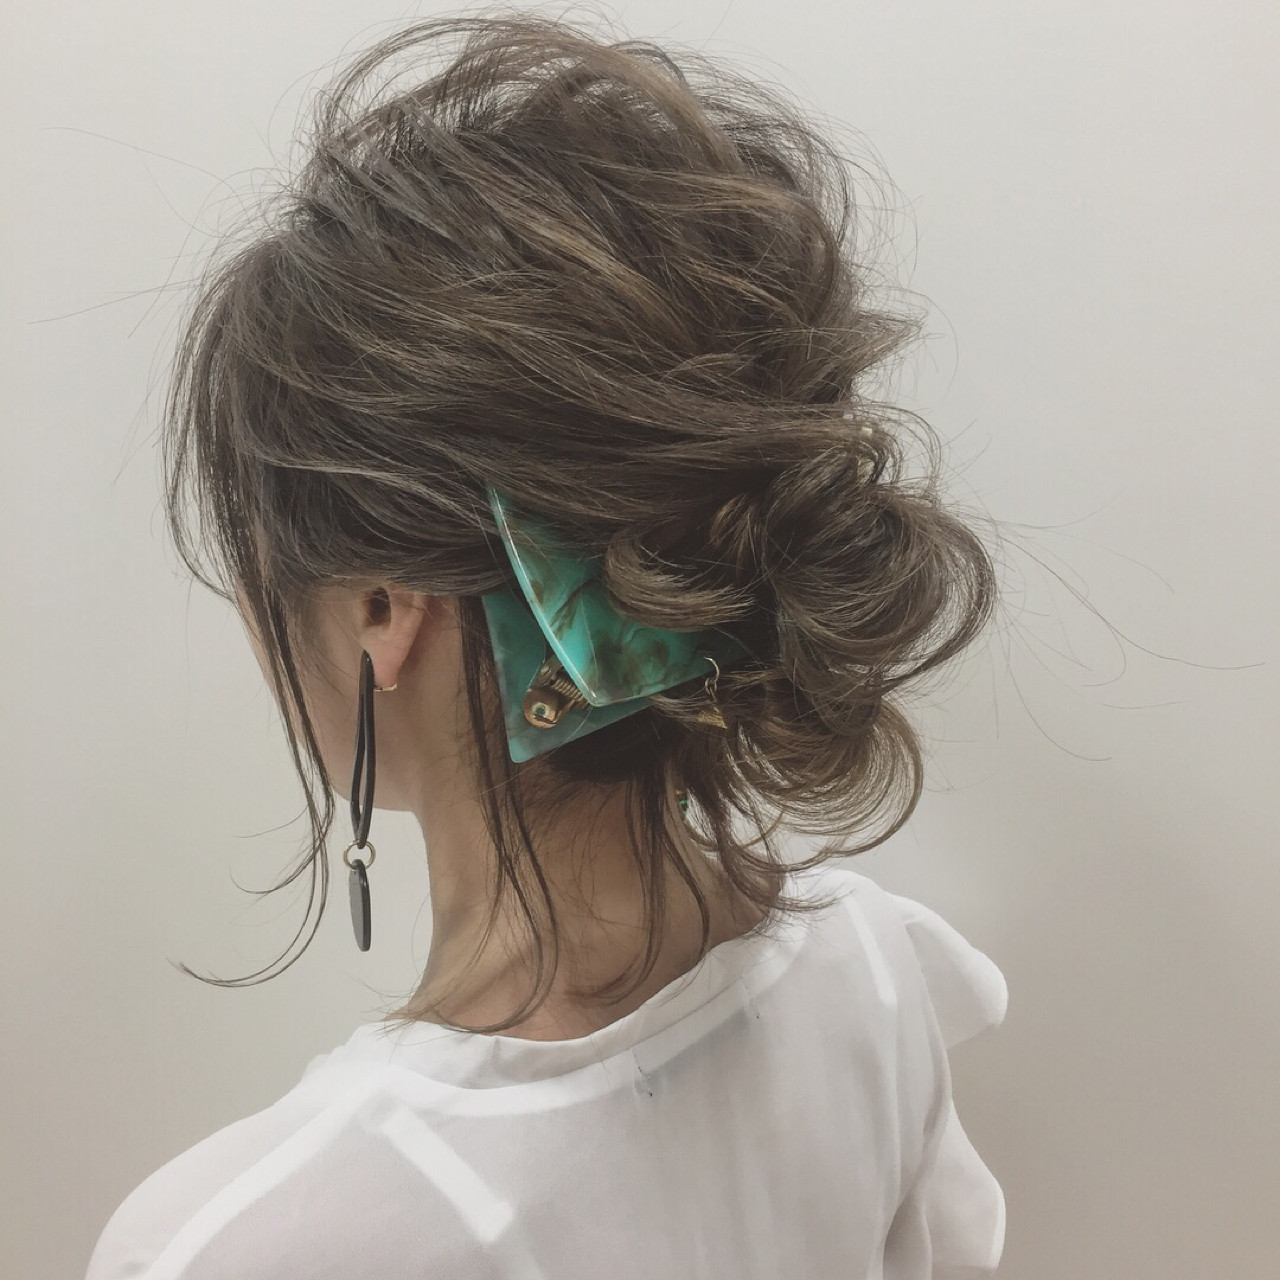 ゆるっと巻いて☆ボリュームヘアOKのお団子ヘア 宮田 恵里香